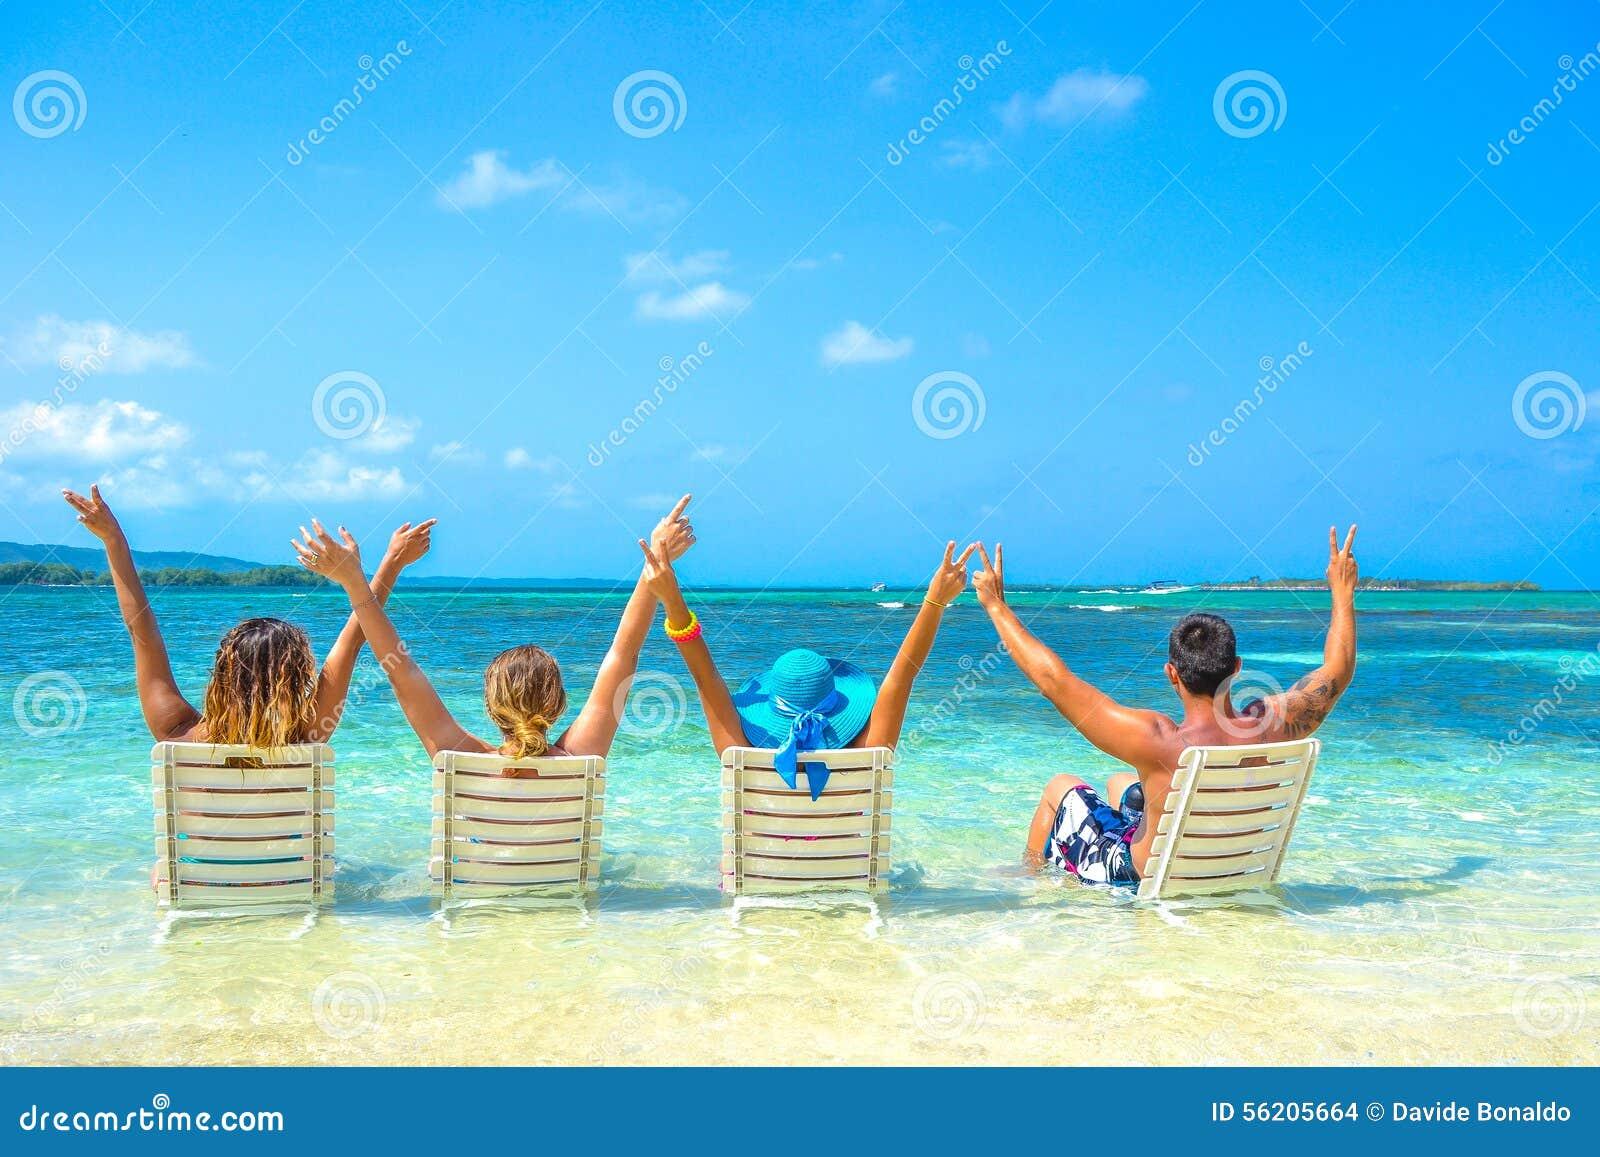 Party beach: tu fiesta en la playa - Ideas para Fiestas de